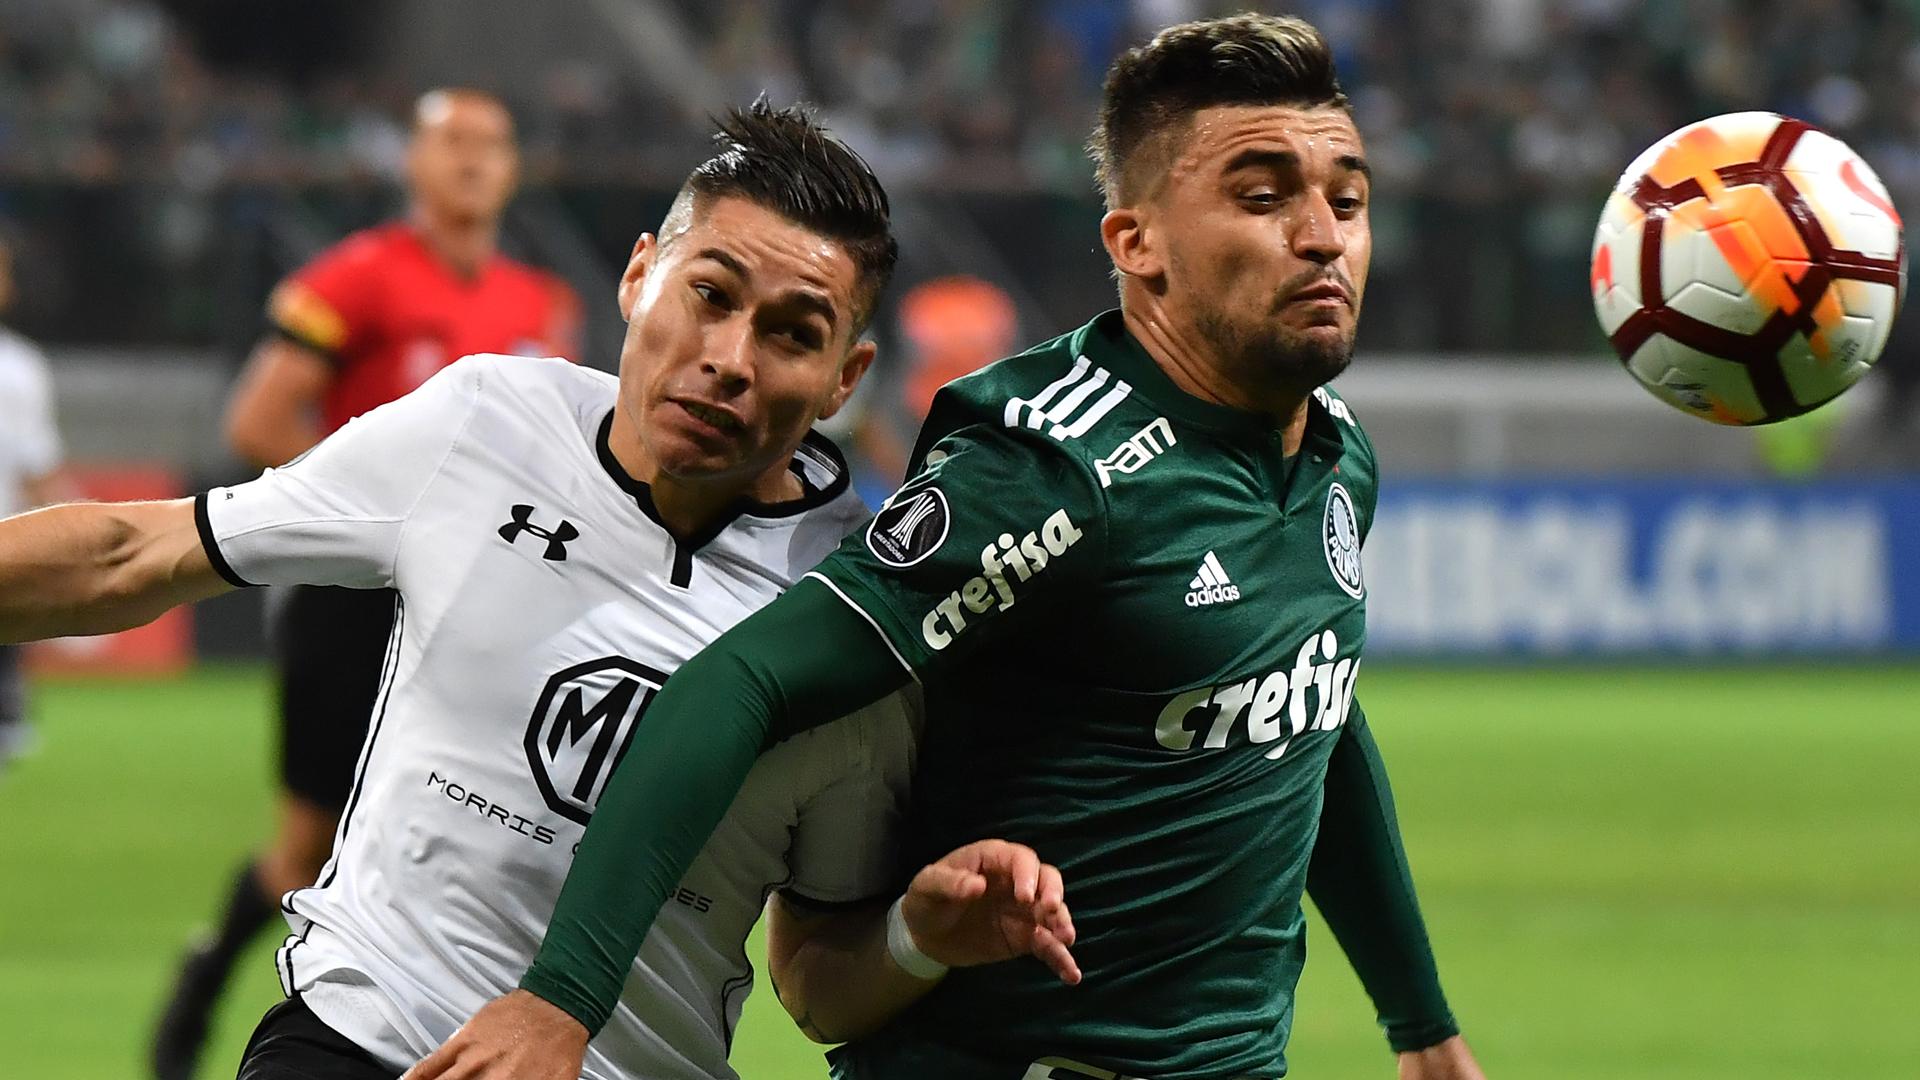 Colo Colo - Palmeiras